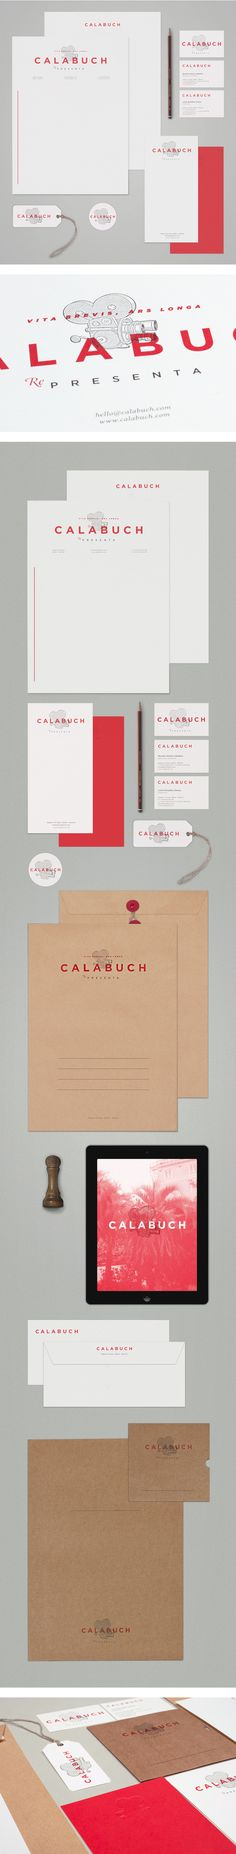 CALABUCH | Tres Tipos Graficos  ♥ Reputation Line Inc.  NY -   Marketing & Branding U ♥